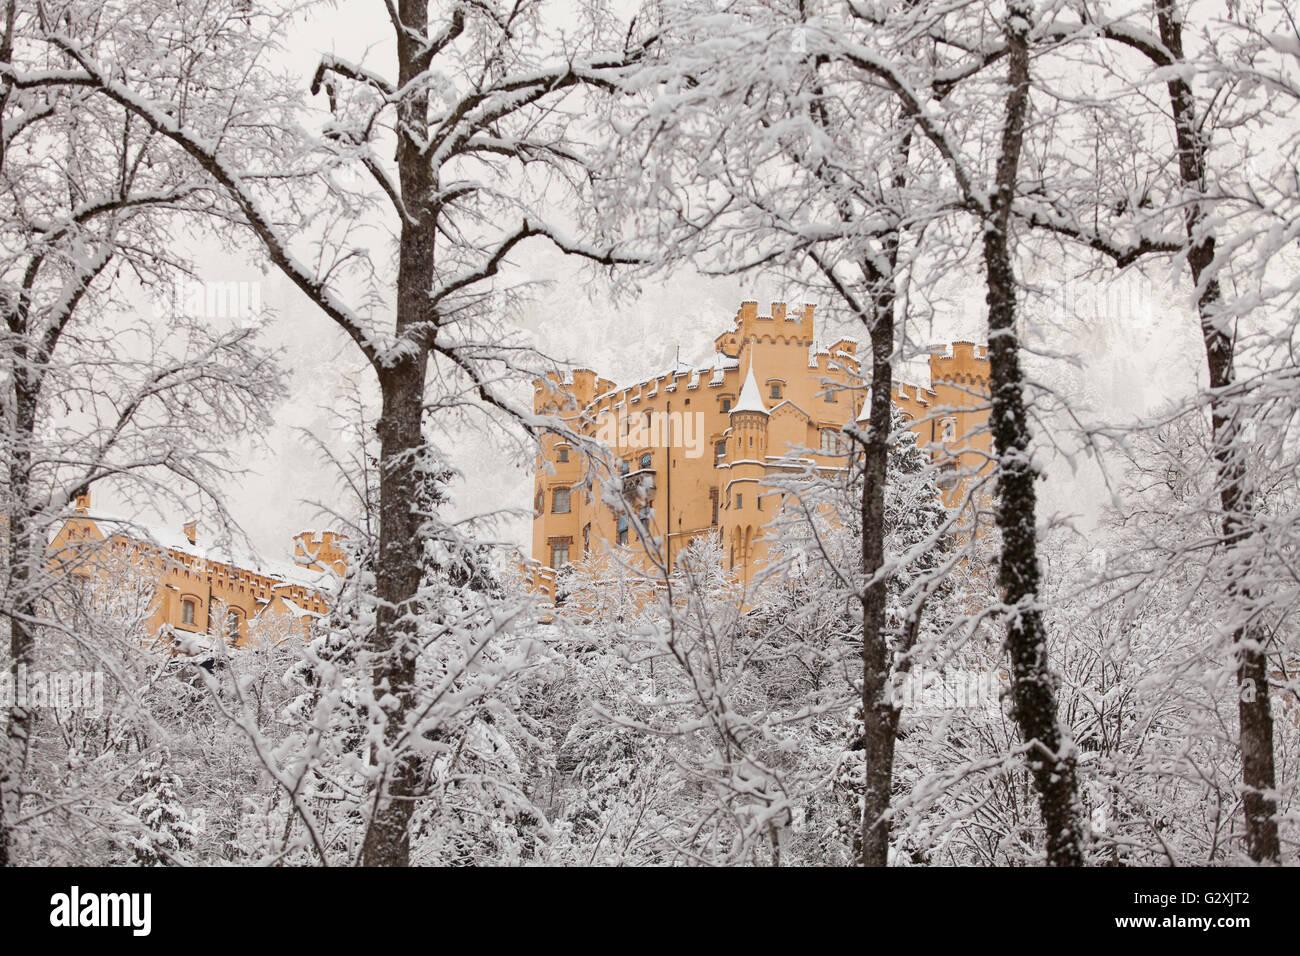 Hohenschwangau Castle in winter landscape - Stock Image